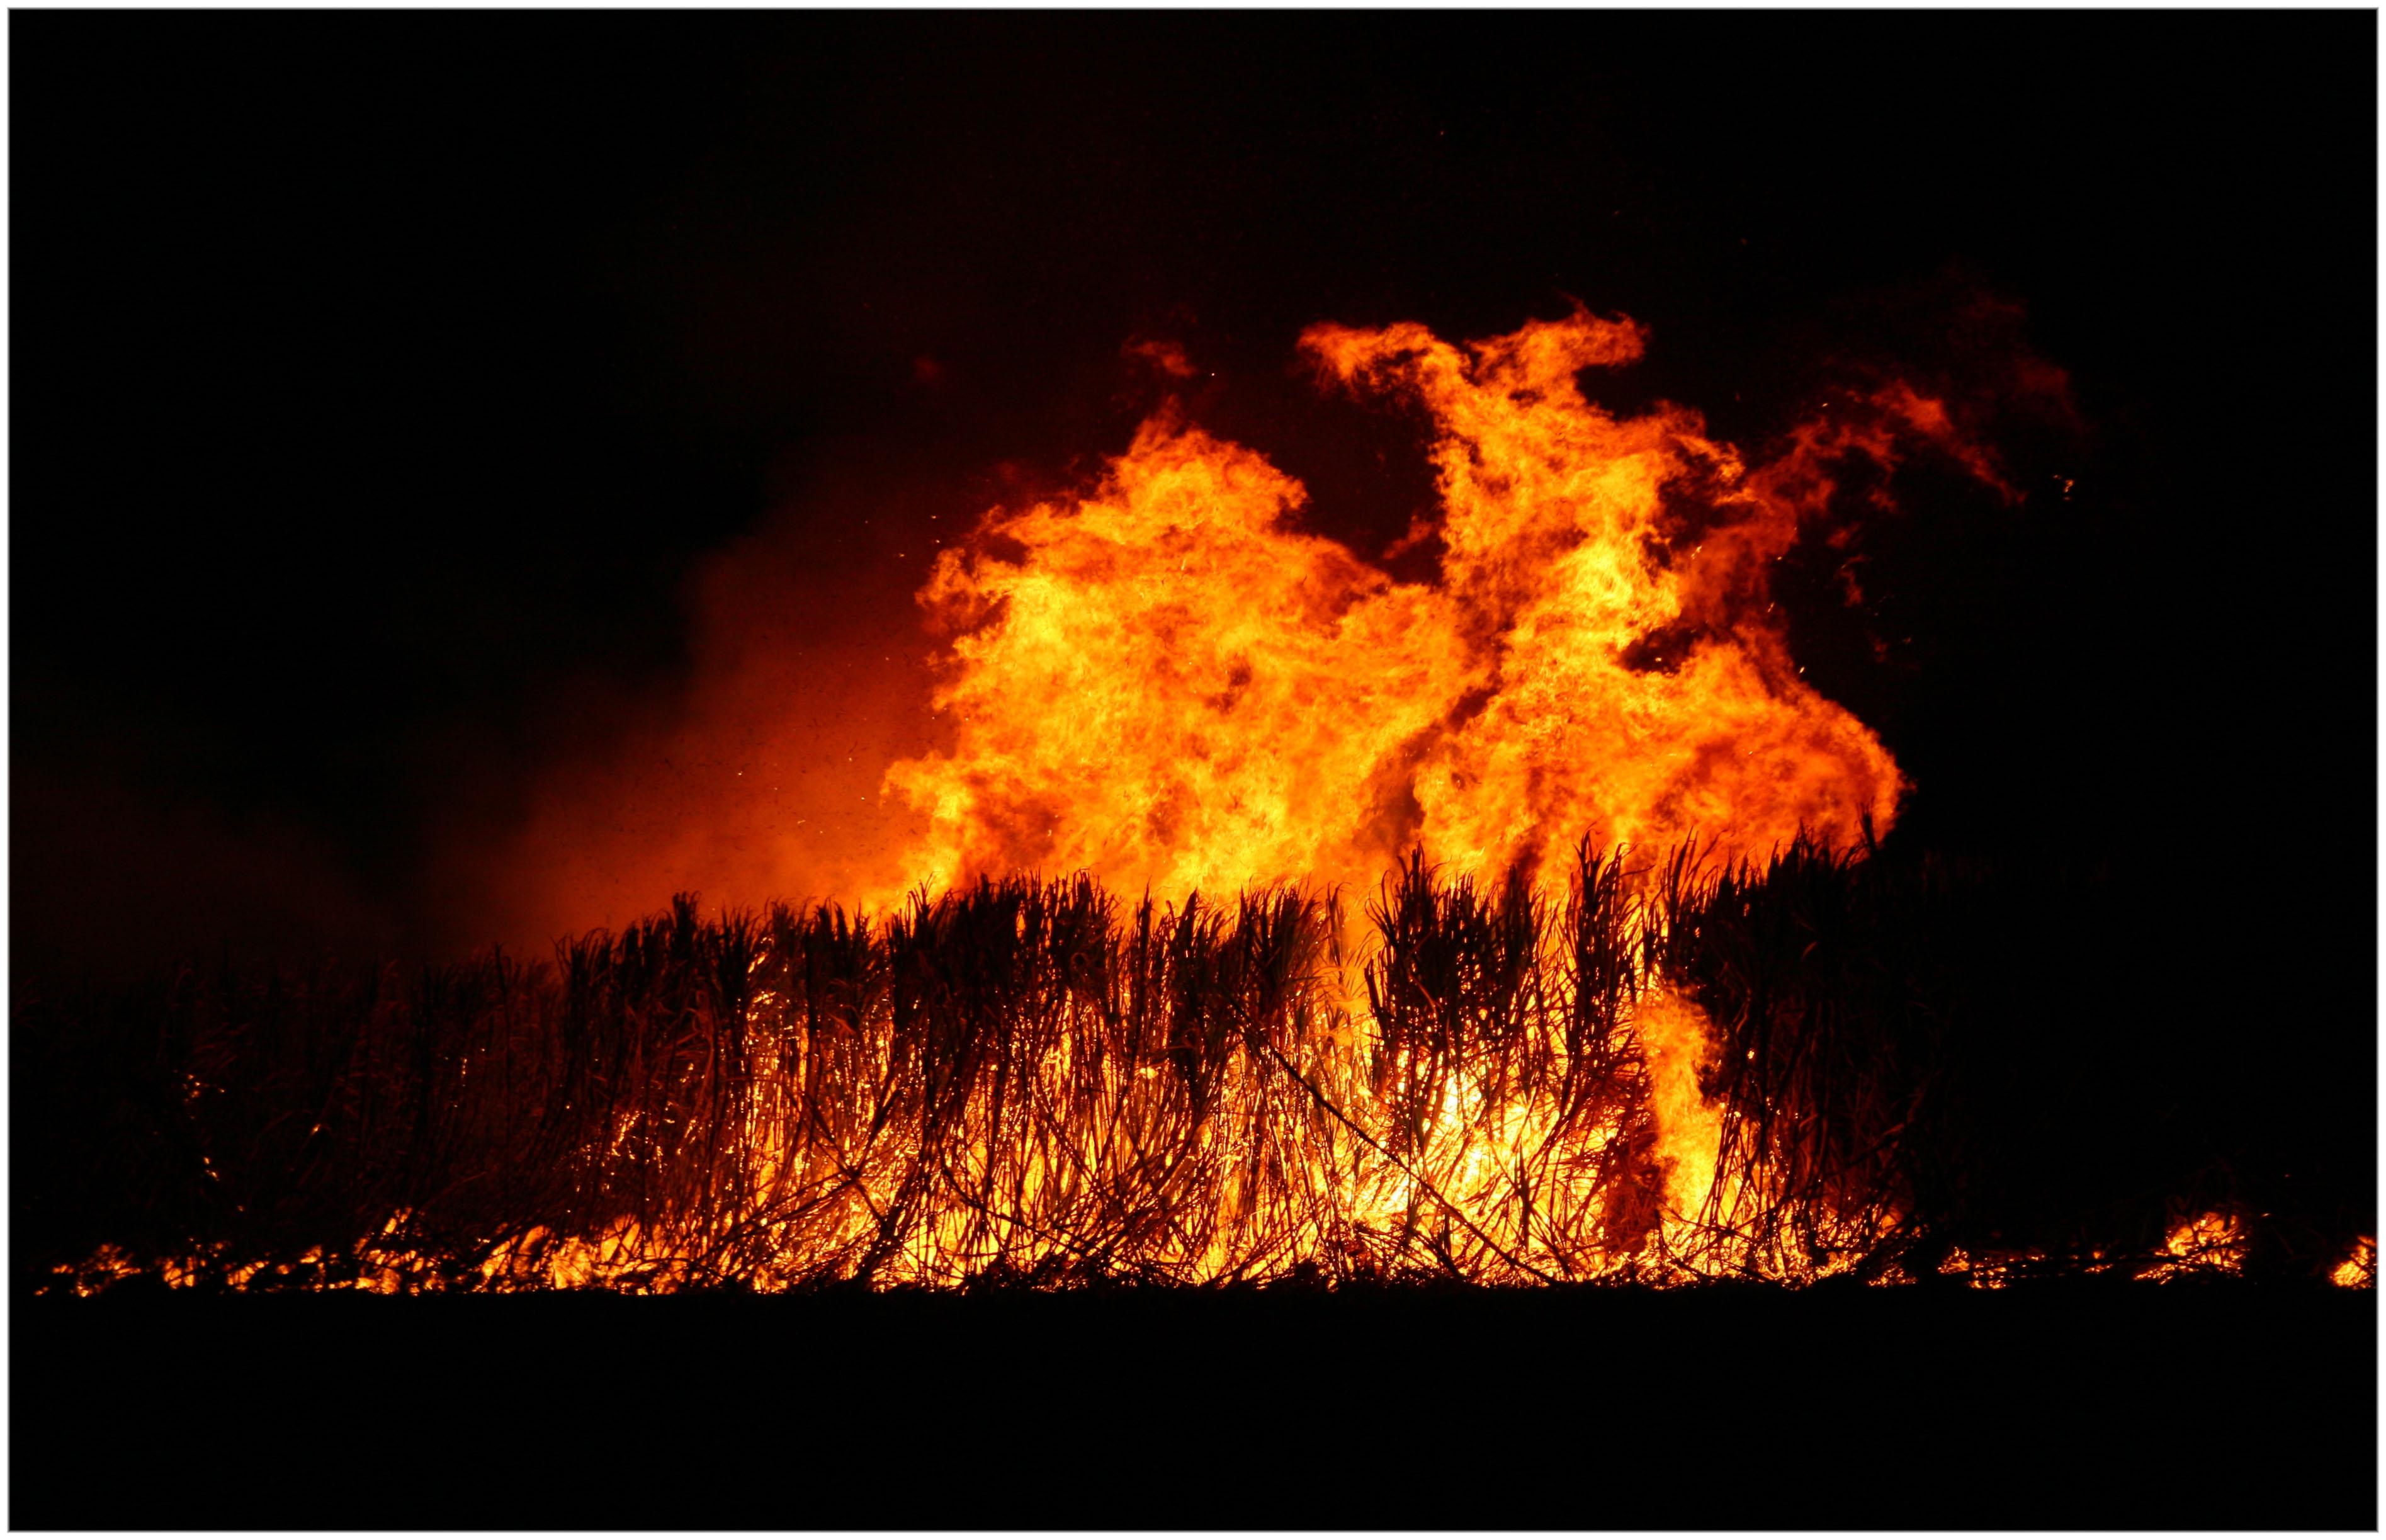 File:Cane fire in the Burdekin.jpg - Wikimedia Commons